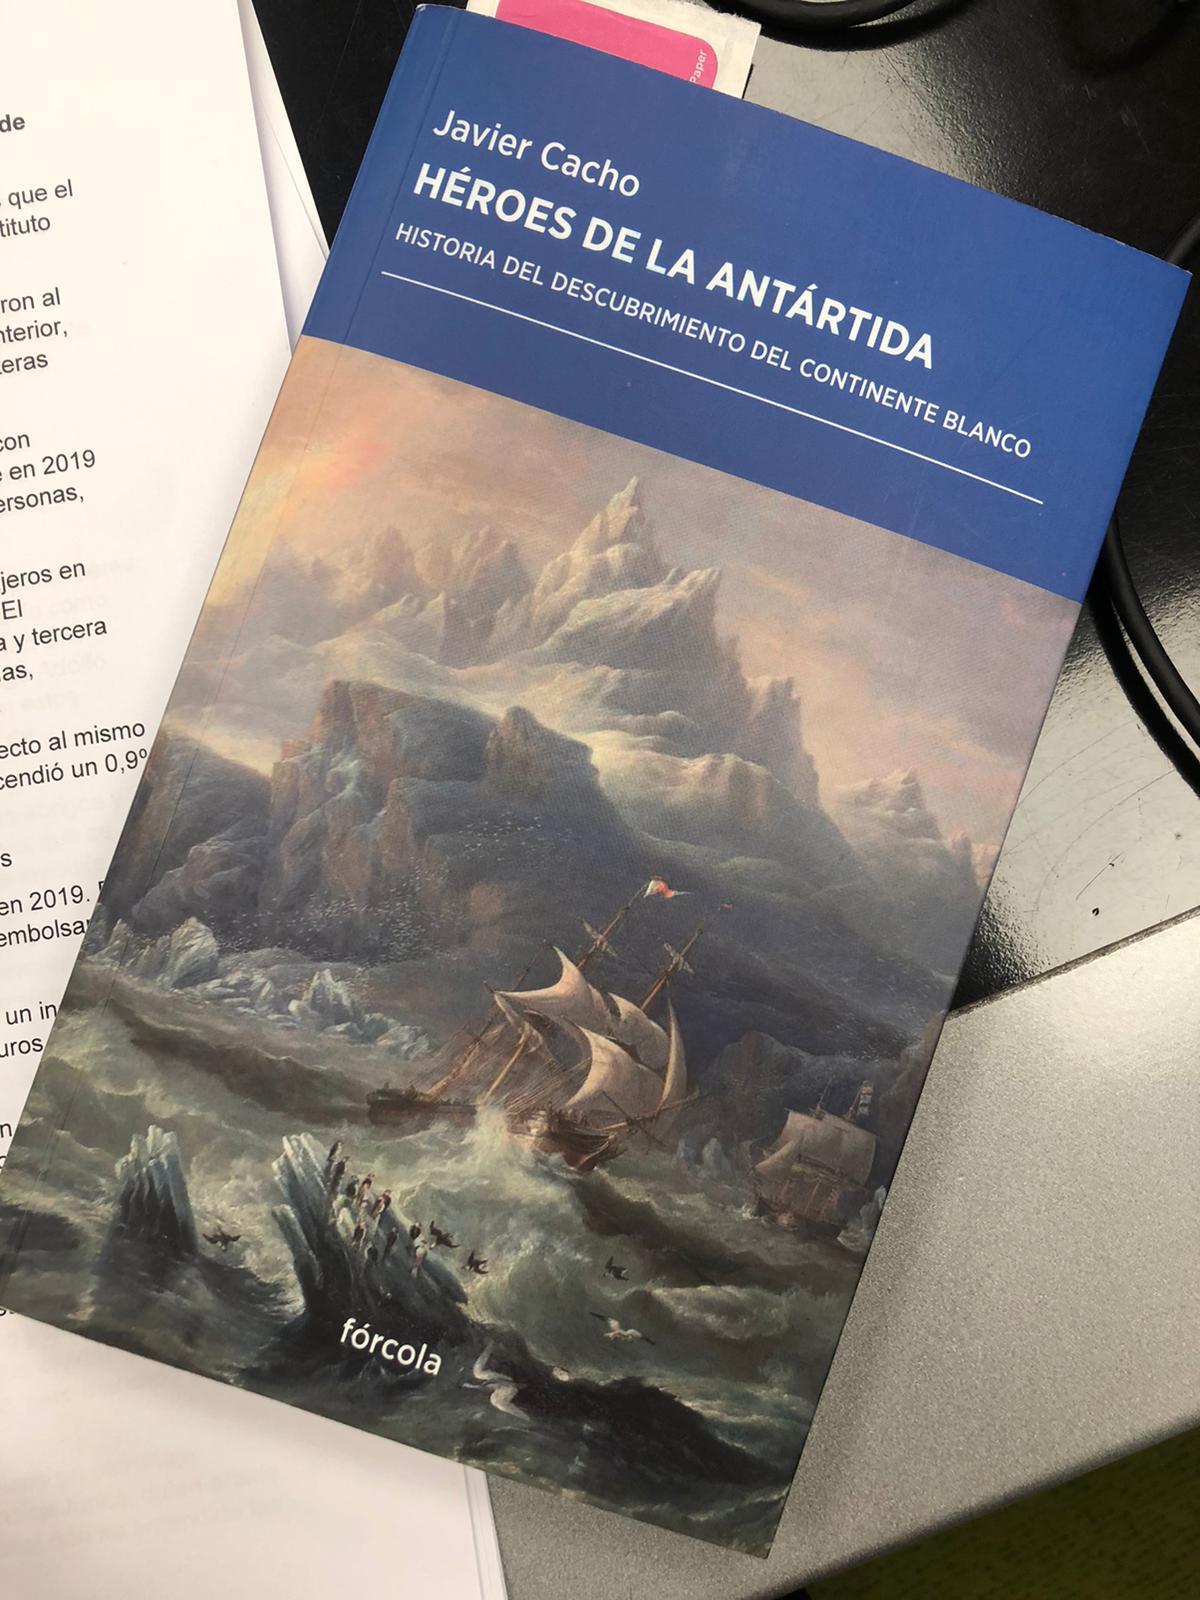 Héroes de la Antártida, una obra de Javier Cacho